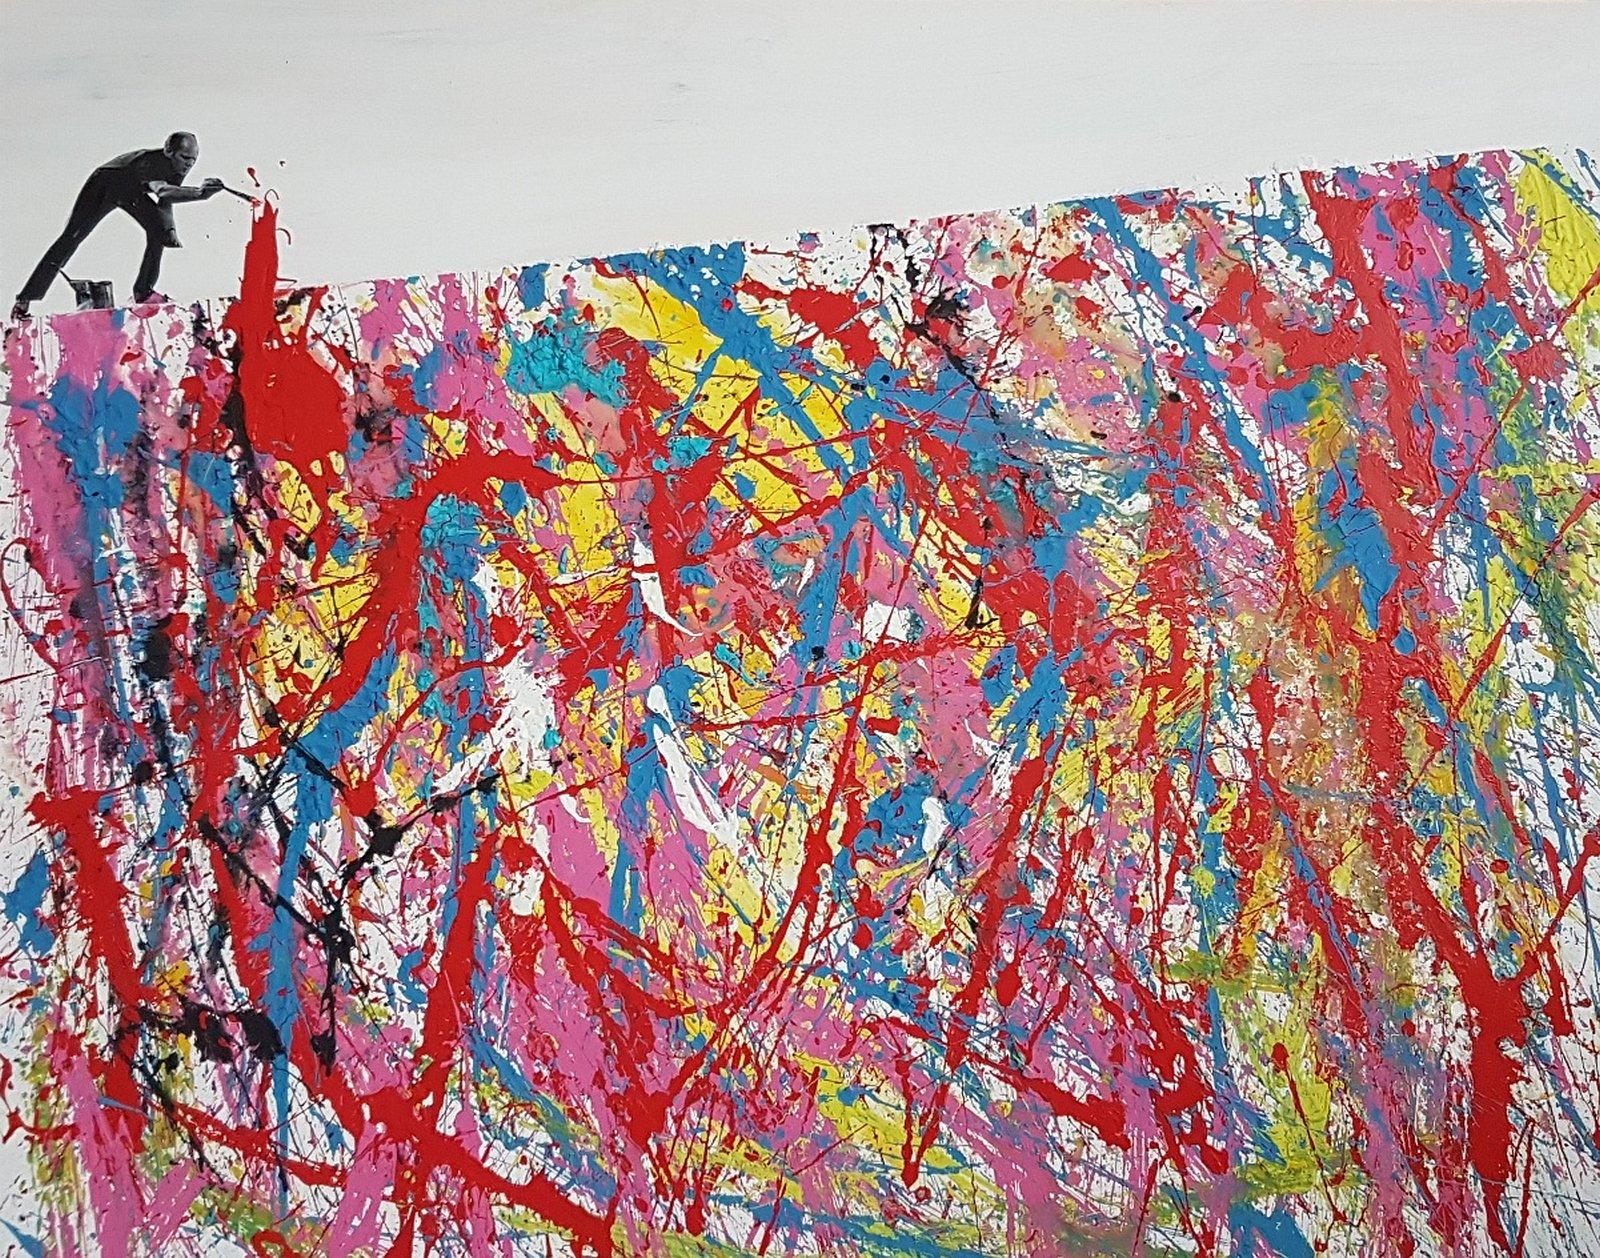 w-obrazie-pamieci-jacksona-po-akryl-olej-na-plotnie-120x100cm_web